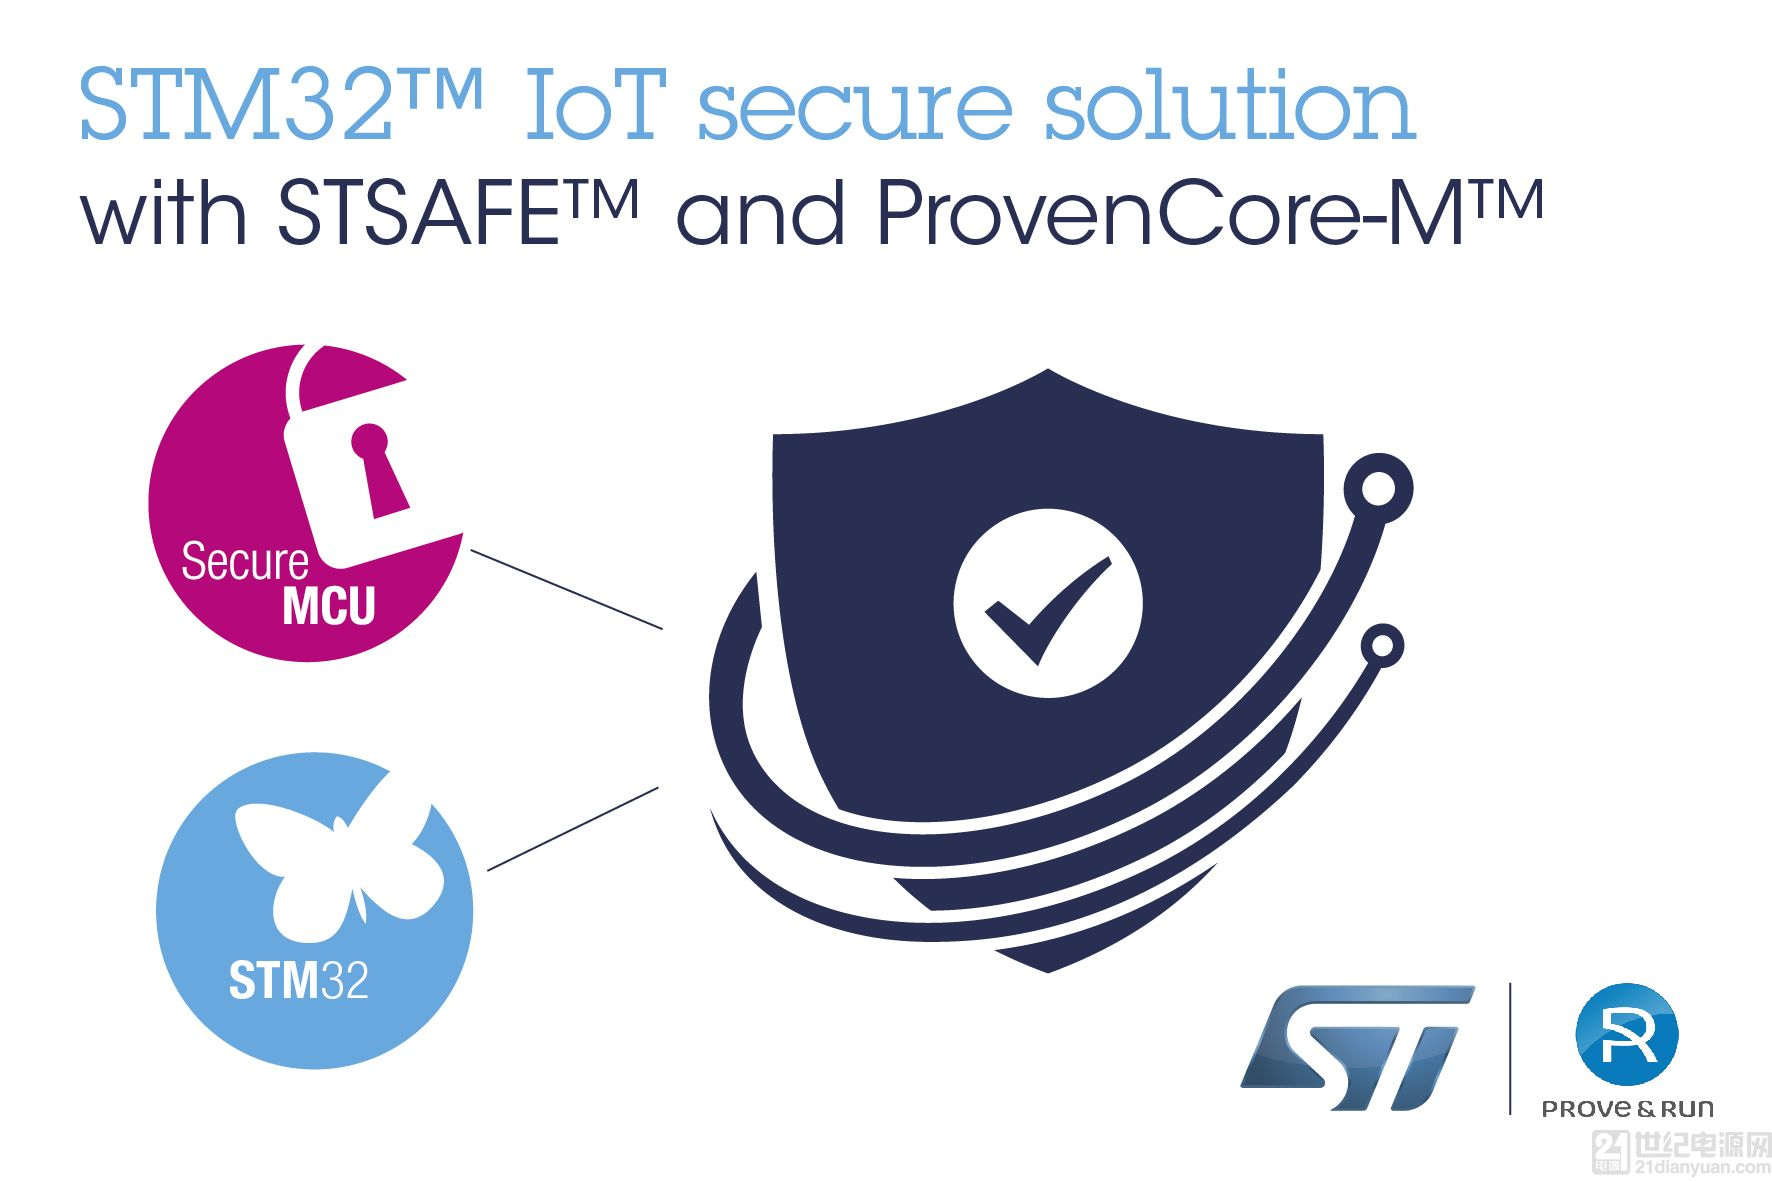 意法半导体(ST)与Prove & Run联合发布可扩展的物联网硬件安全平台